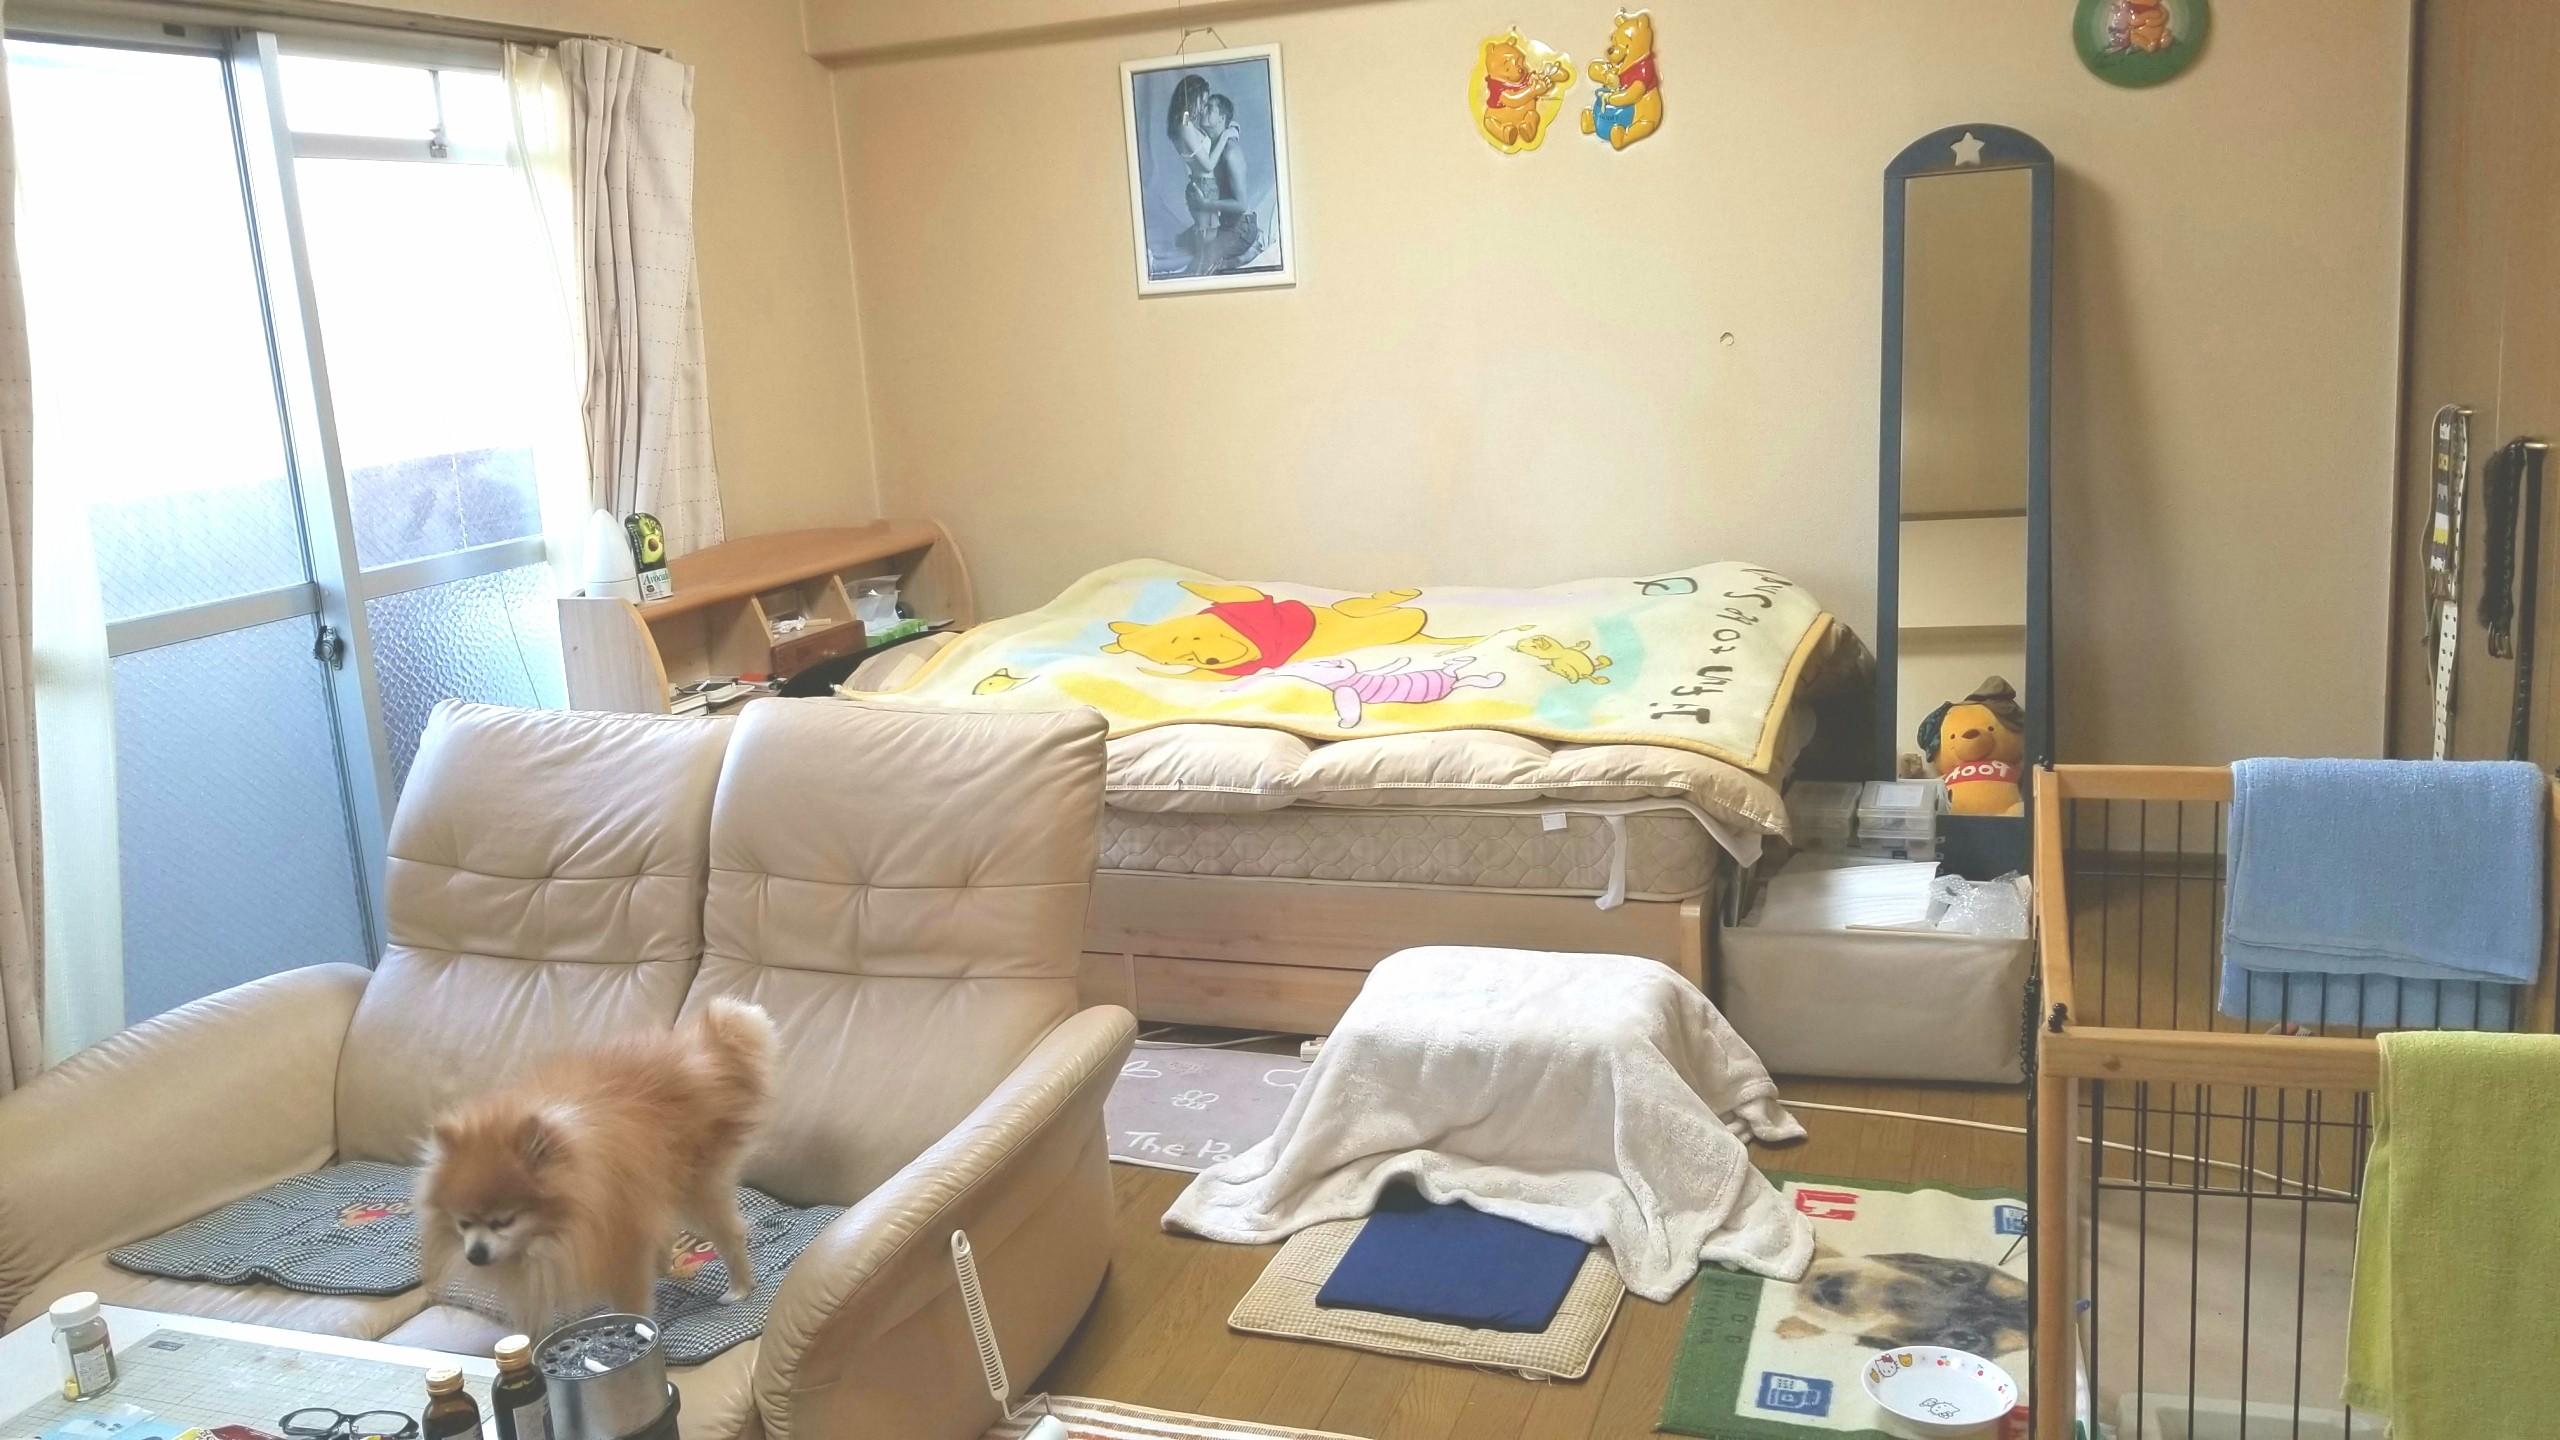 部屋レイアウト,大掃除,寝具,配置広さ,綺麗にする,いい匂い,女の子